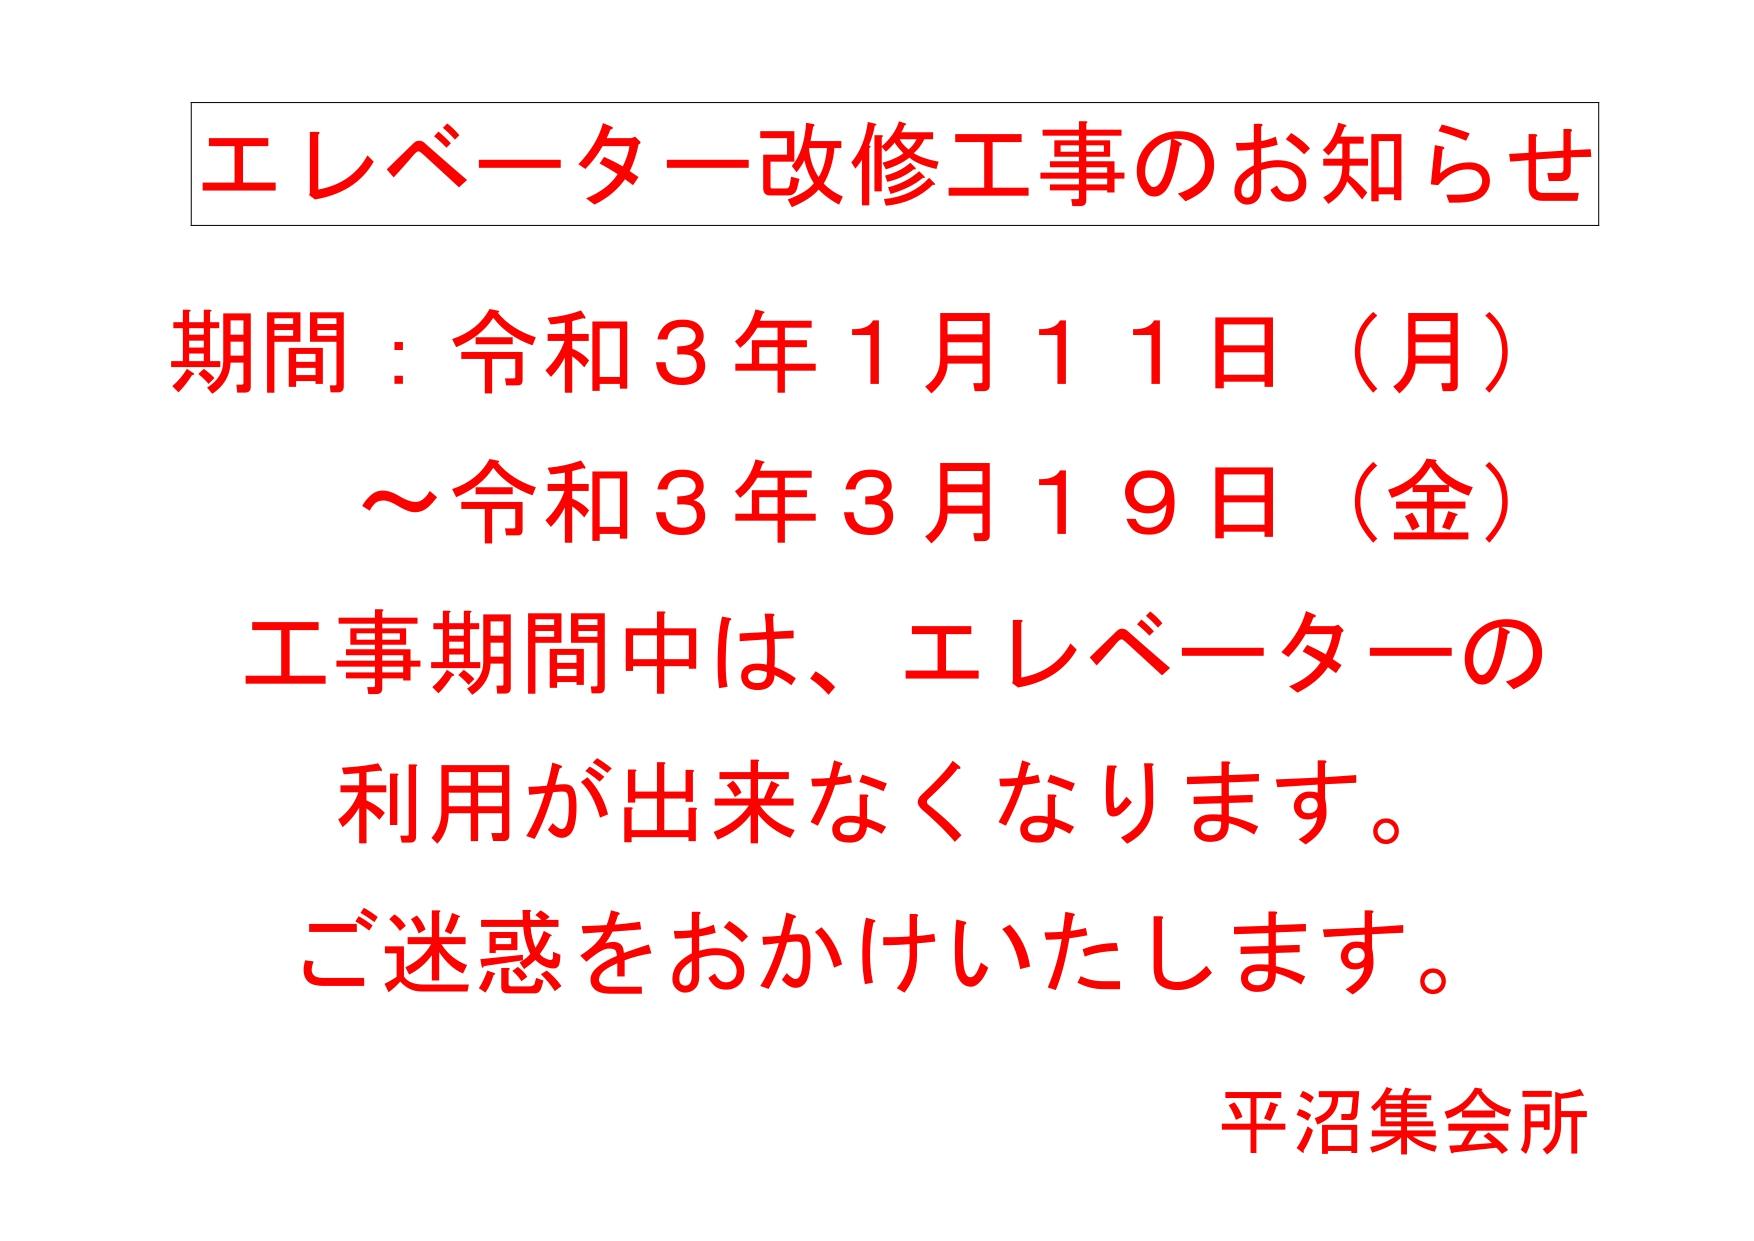 エレベーター改修工事のお知らせ